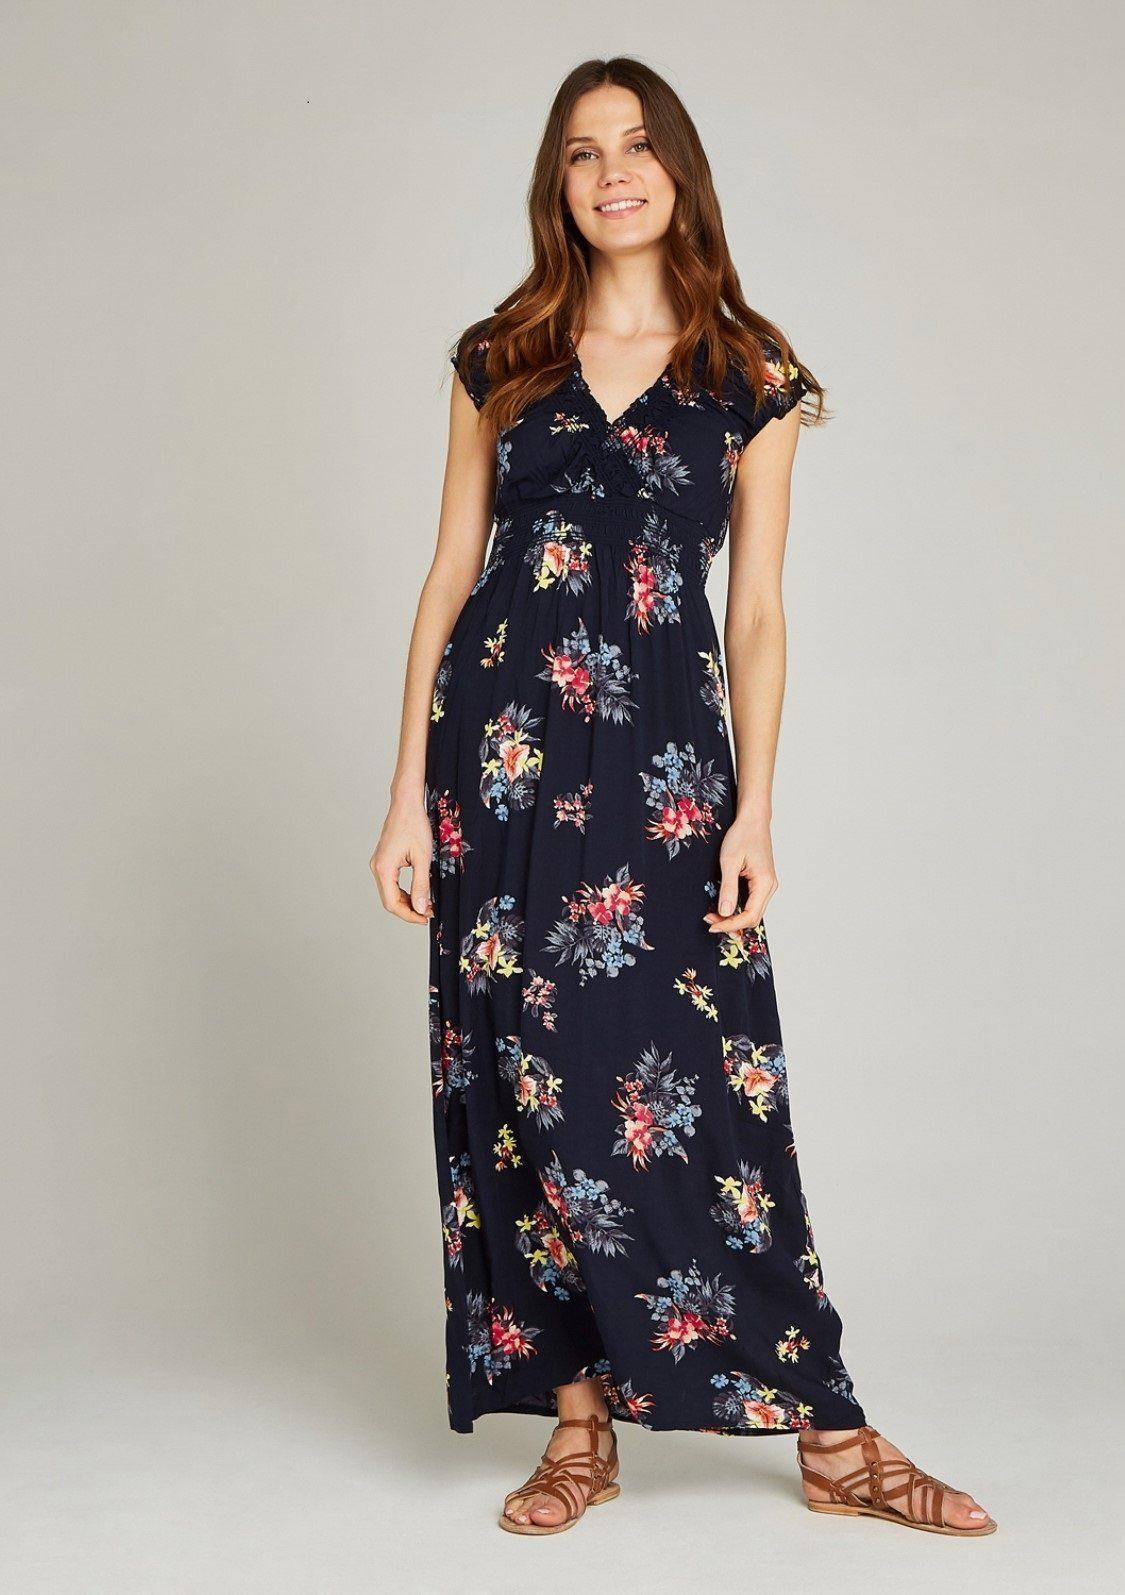 In Bunches Print Mit Maxikleid Maxi Und Taille Damen Smockdetails An »tropical Dress« Ausschnitt Blau xdBoerC